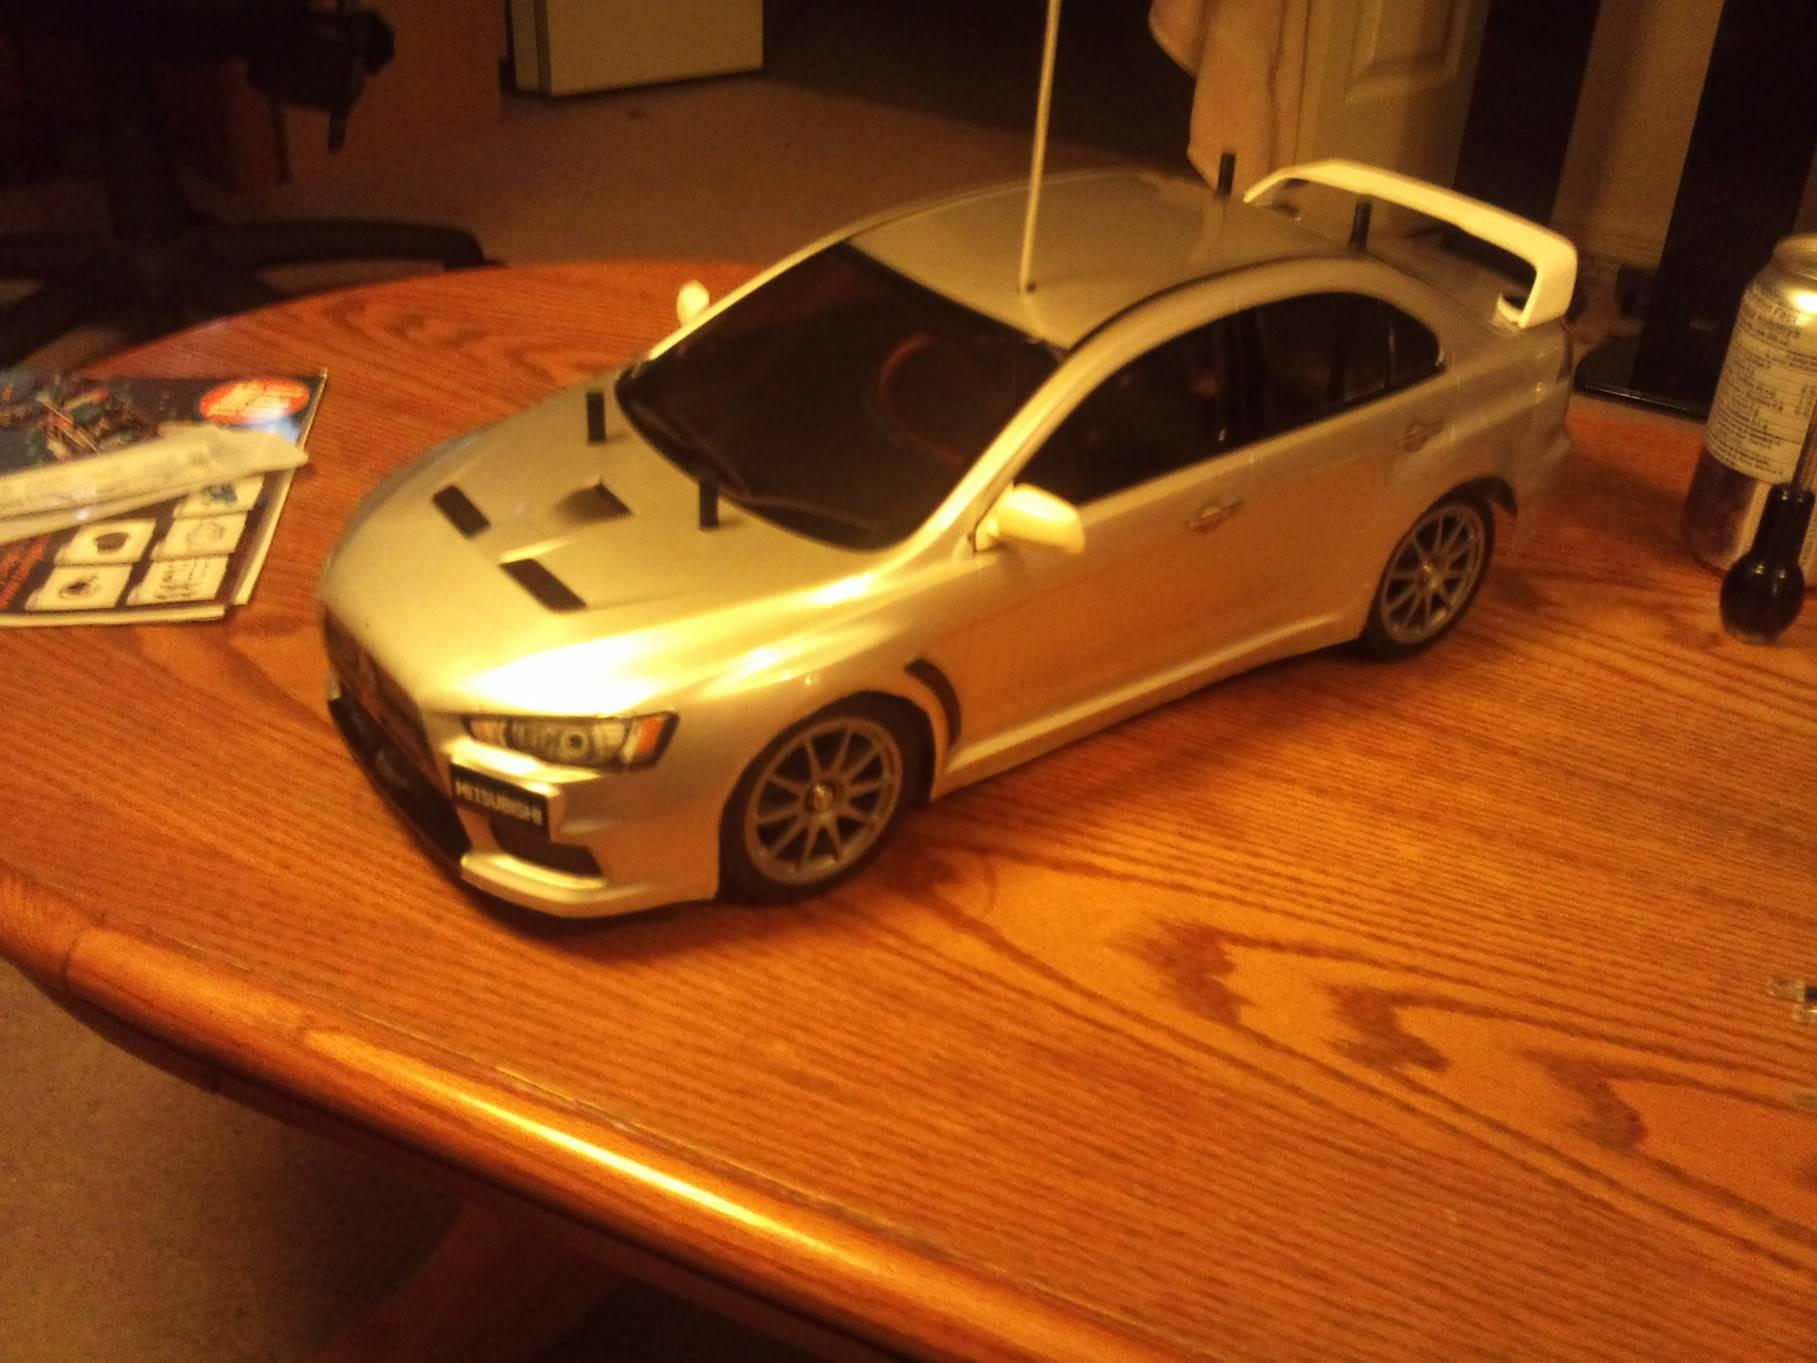 new found hobbie DSC_0001